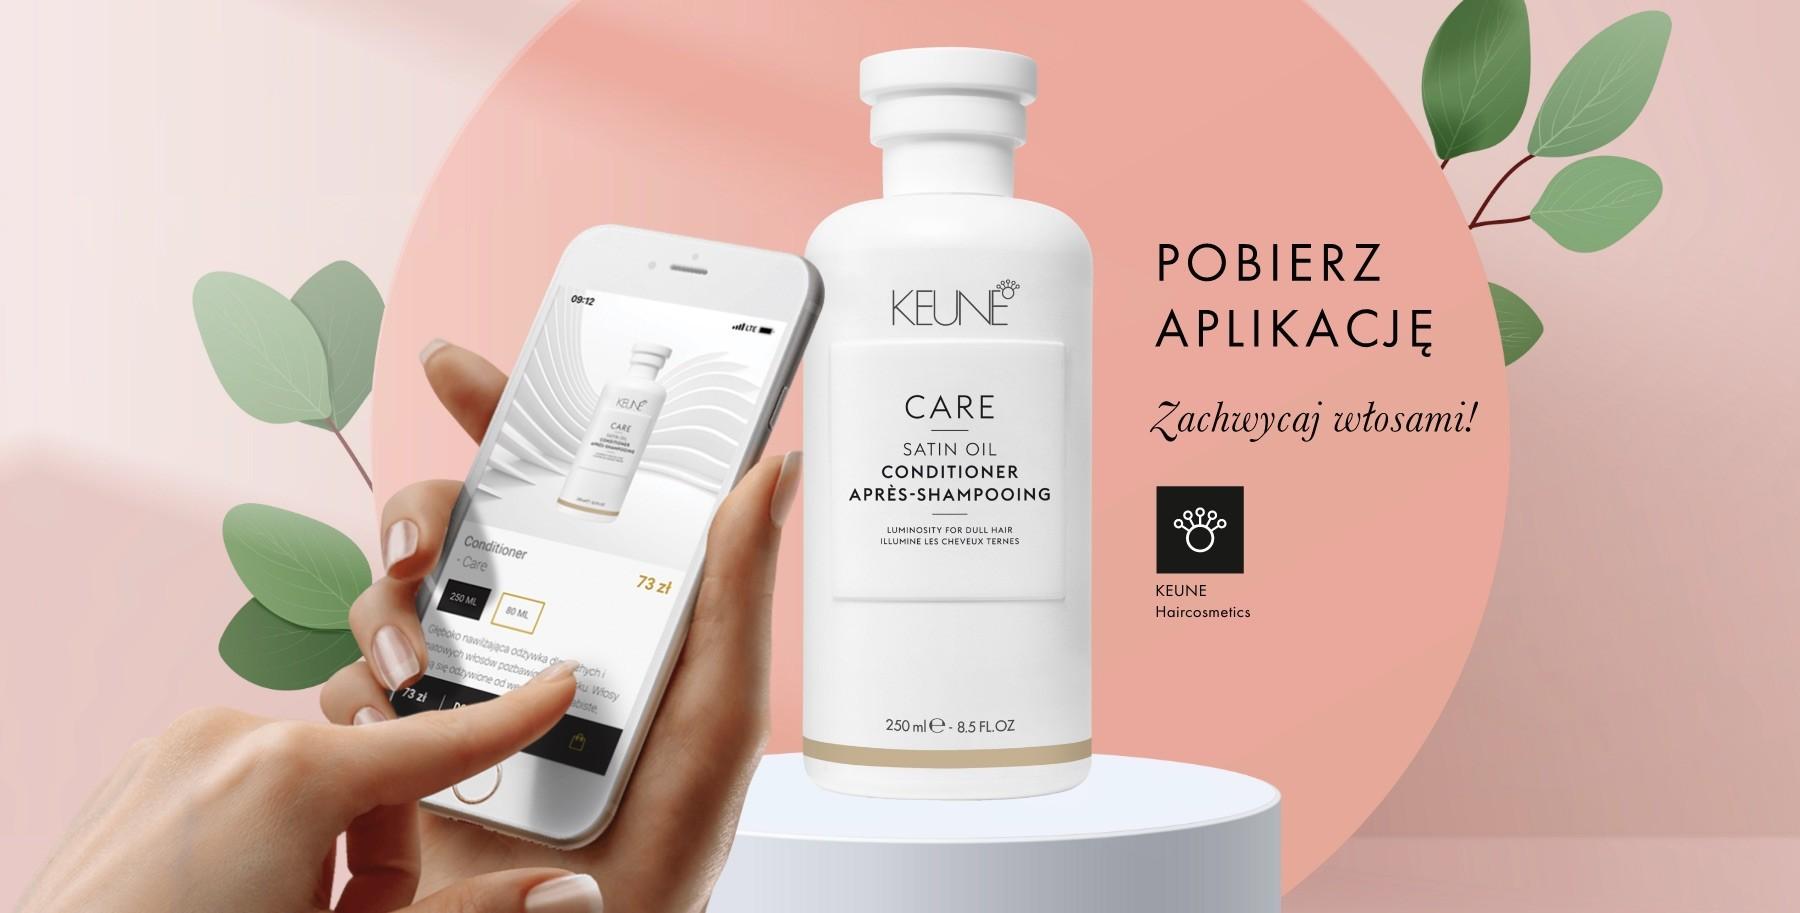 Nowość w rodzinie KEUNE - aplikacja mobilna!